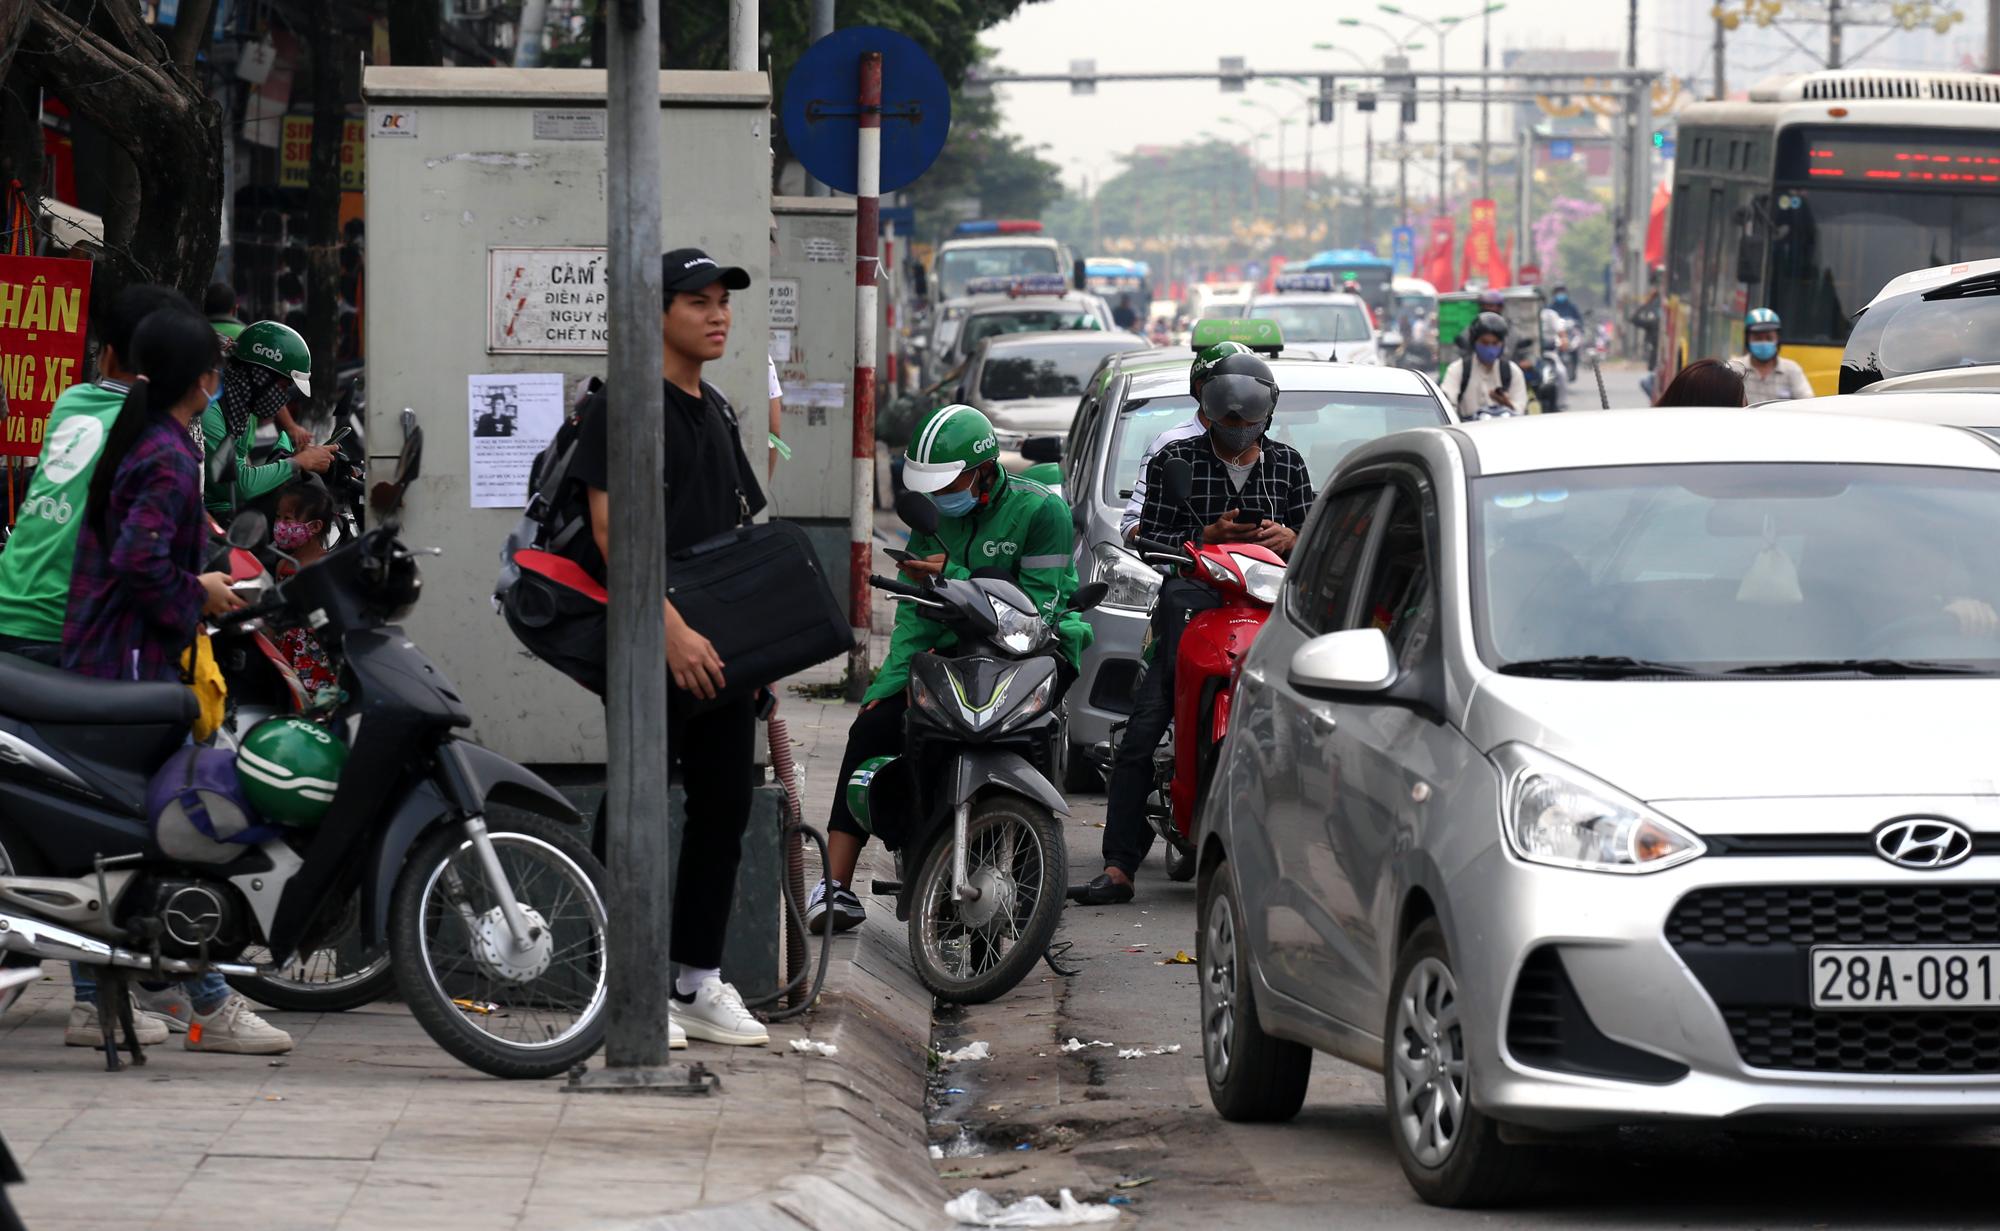 Vận tải khách trở lại bình thường, bến xe ở Hà Nội vẫn vắng vẻ - Ảnh 22.